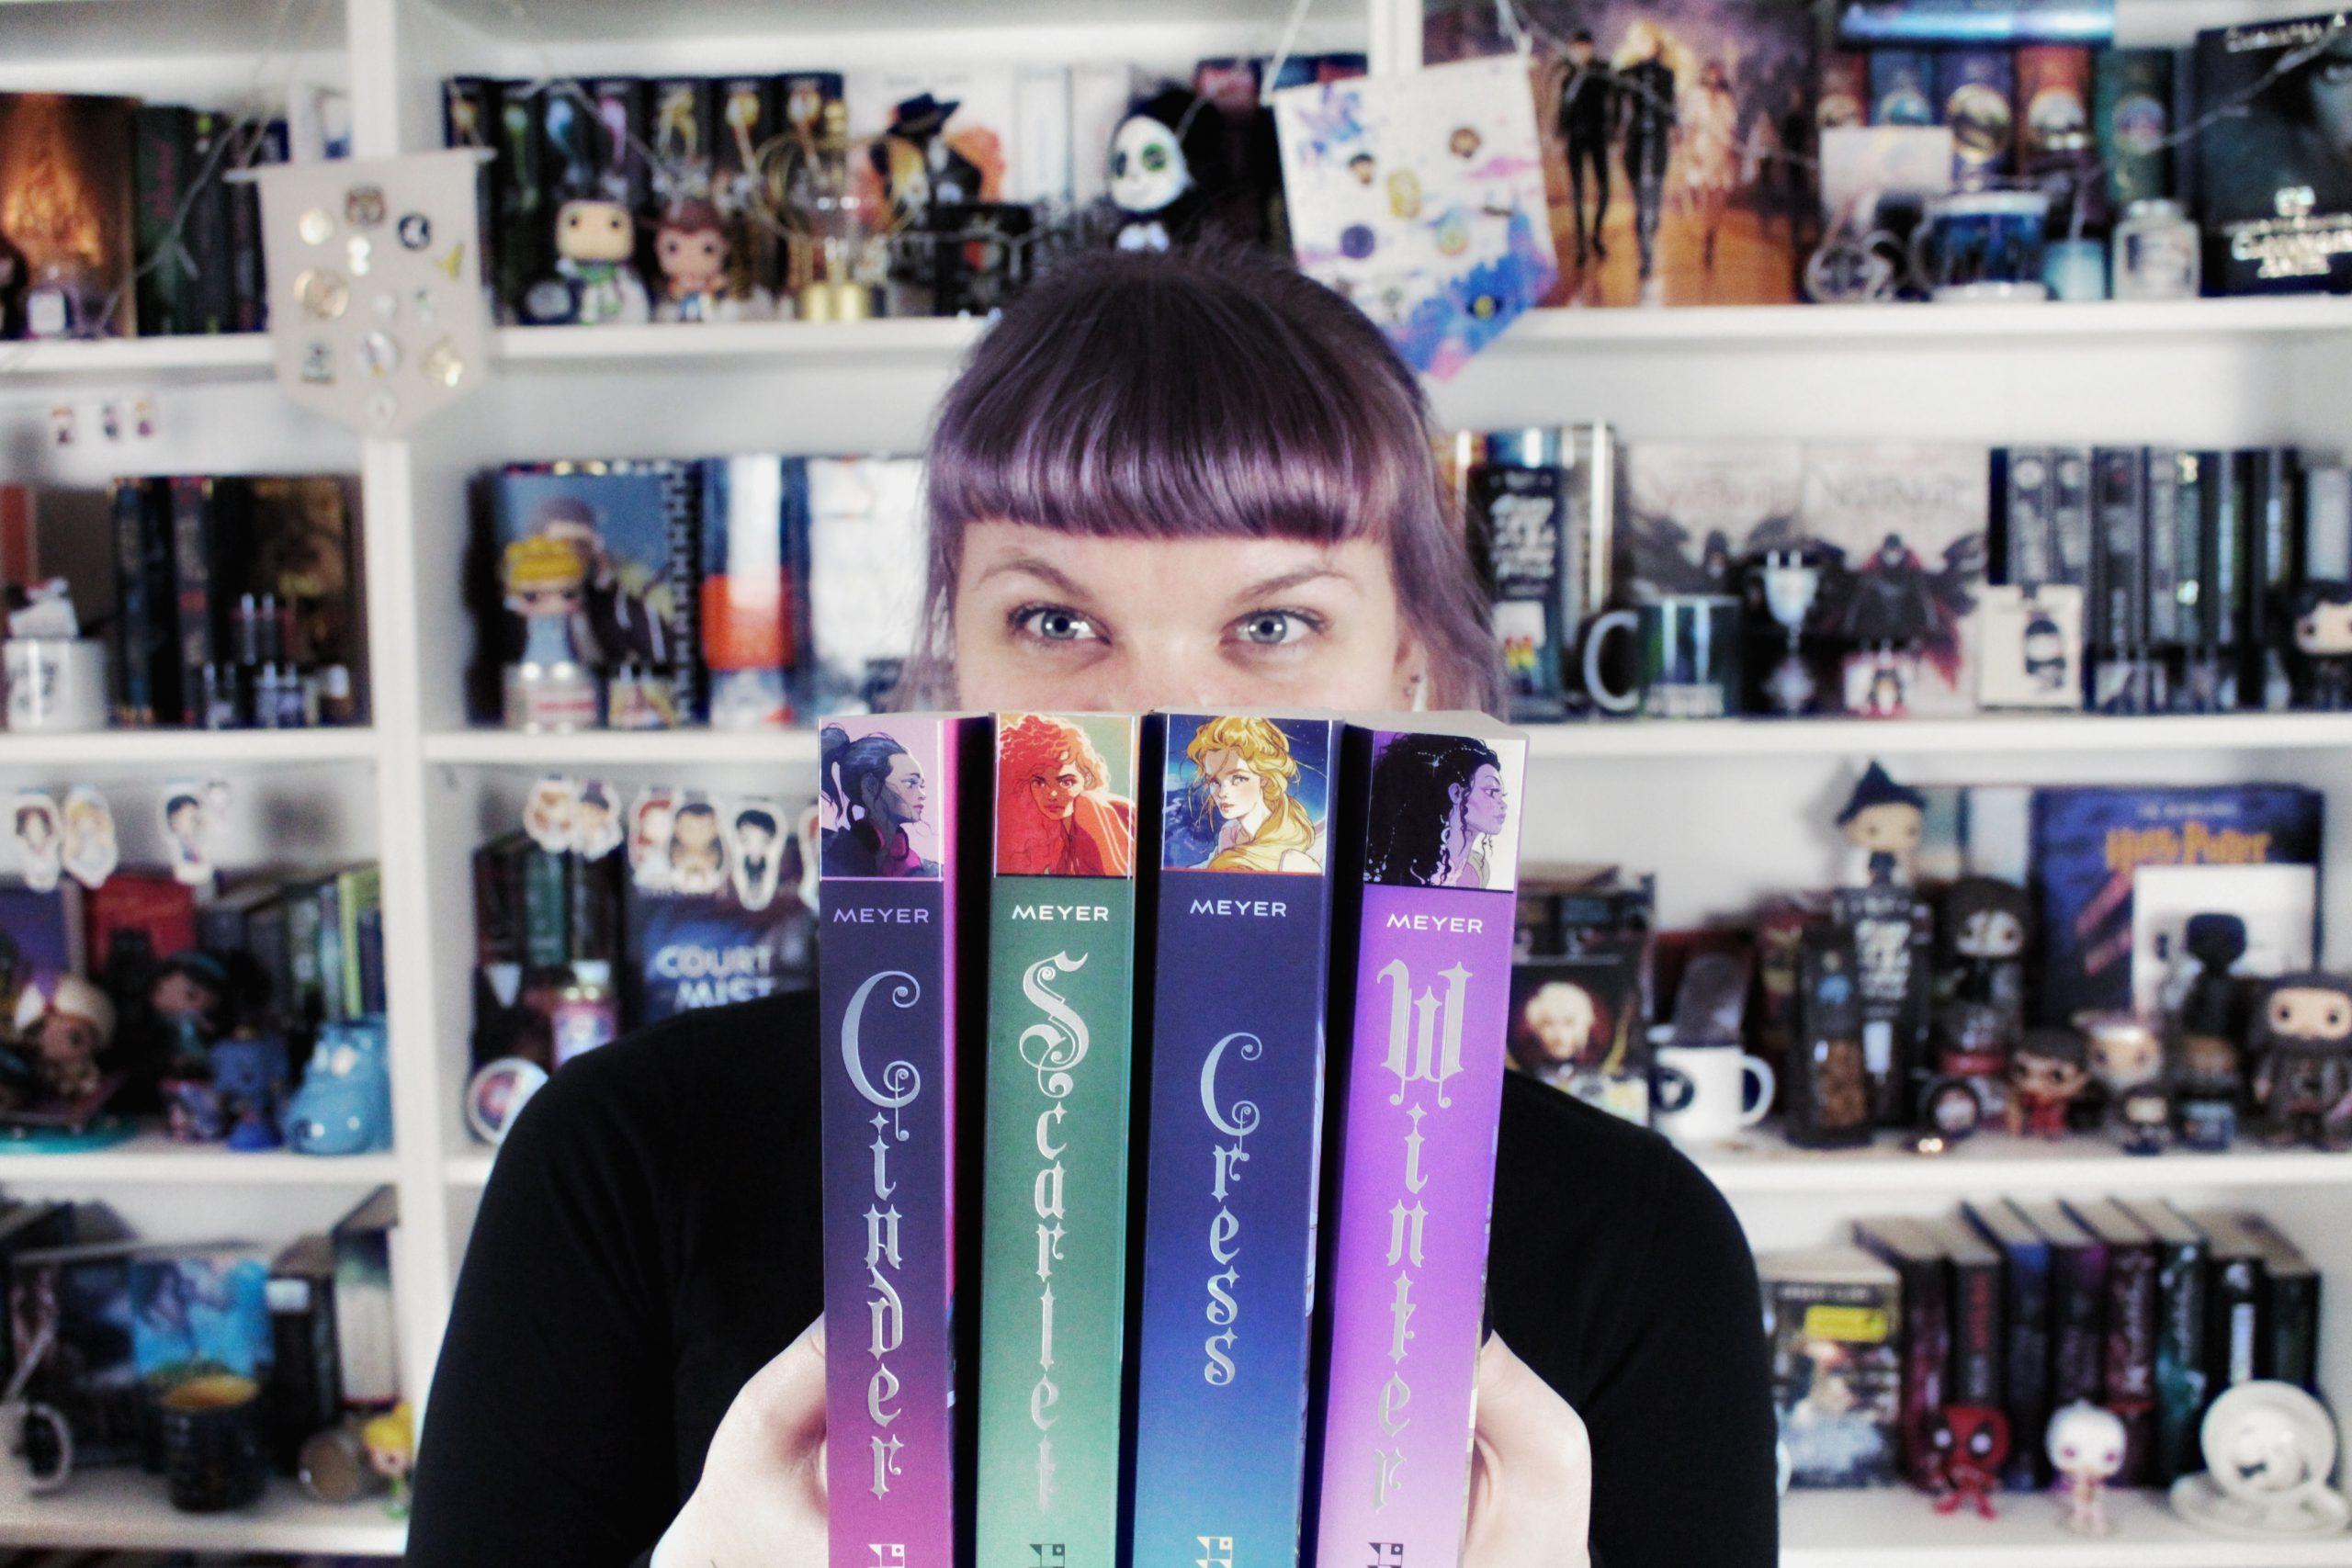 [Wochenrückblick] Buchliebhaber & Seriensuchti